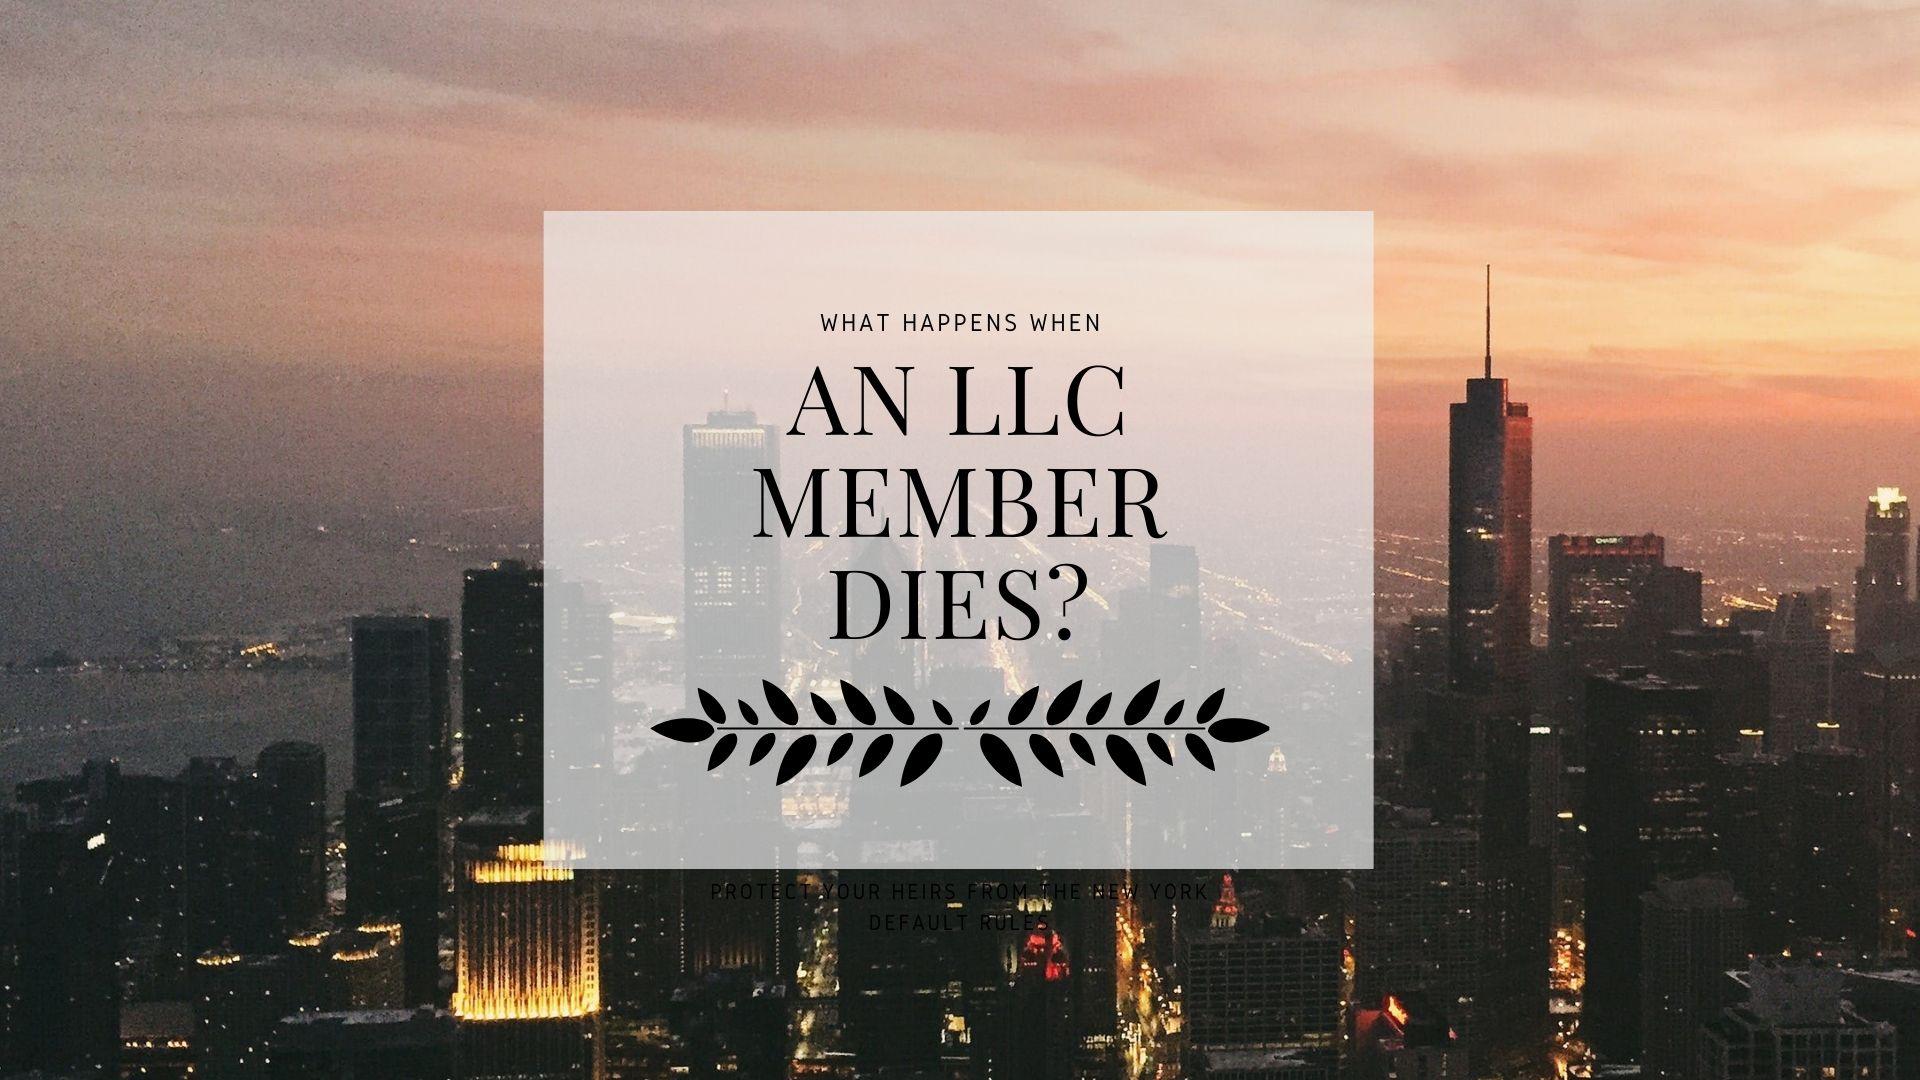 what happens when LLC member dies